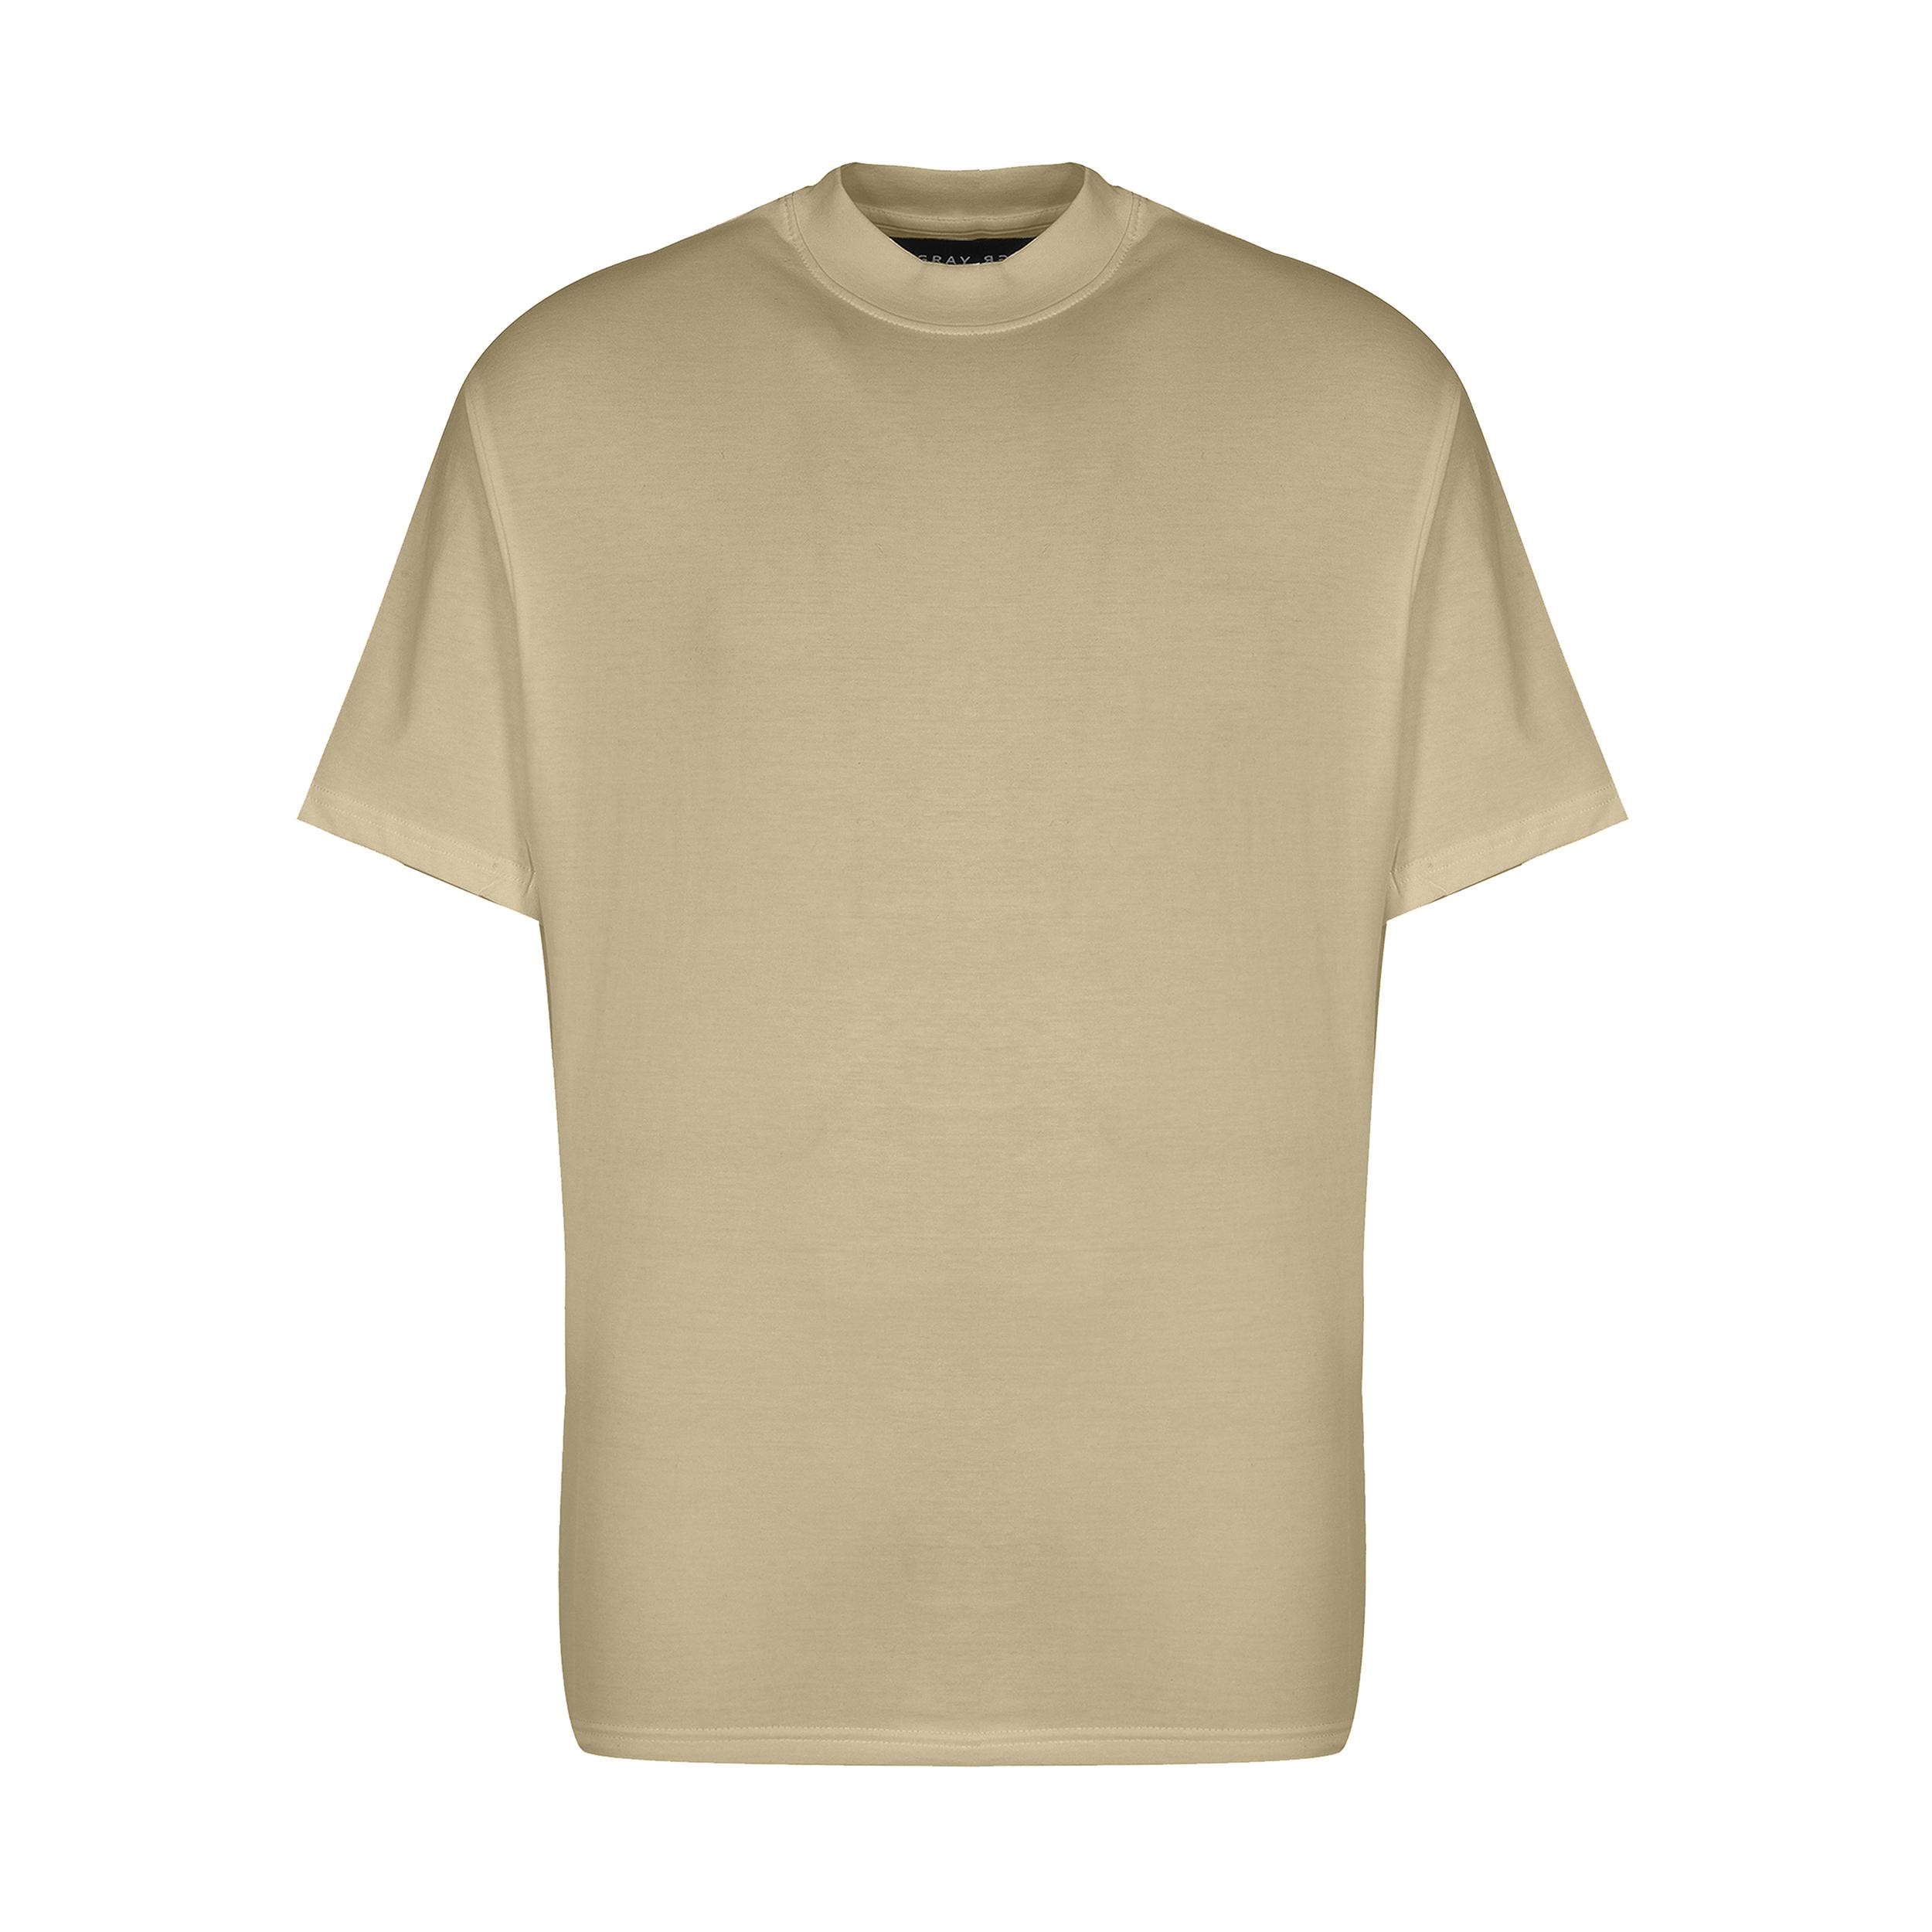 تیشرت آستین کوتاه مردانه گری مدل H34